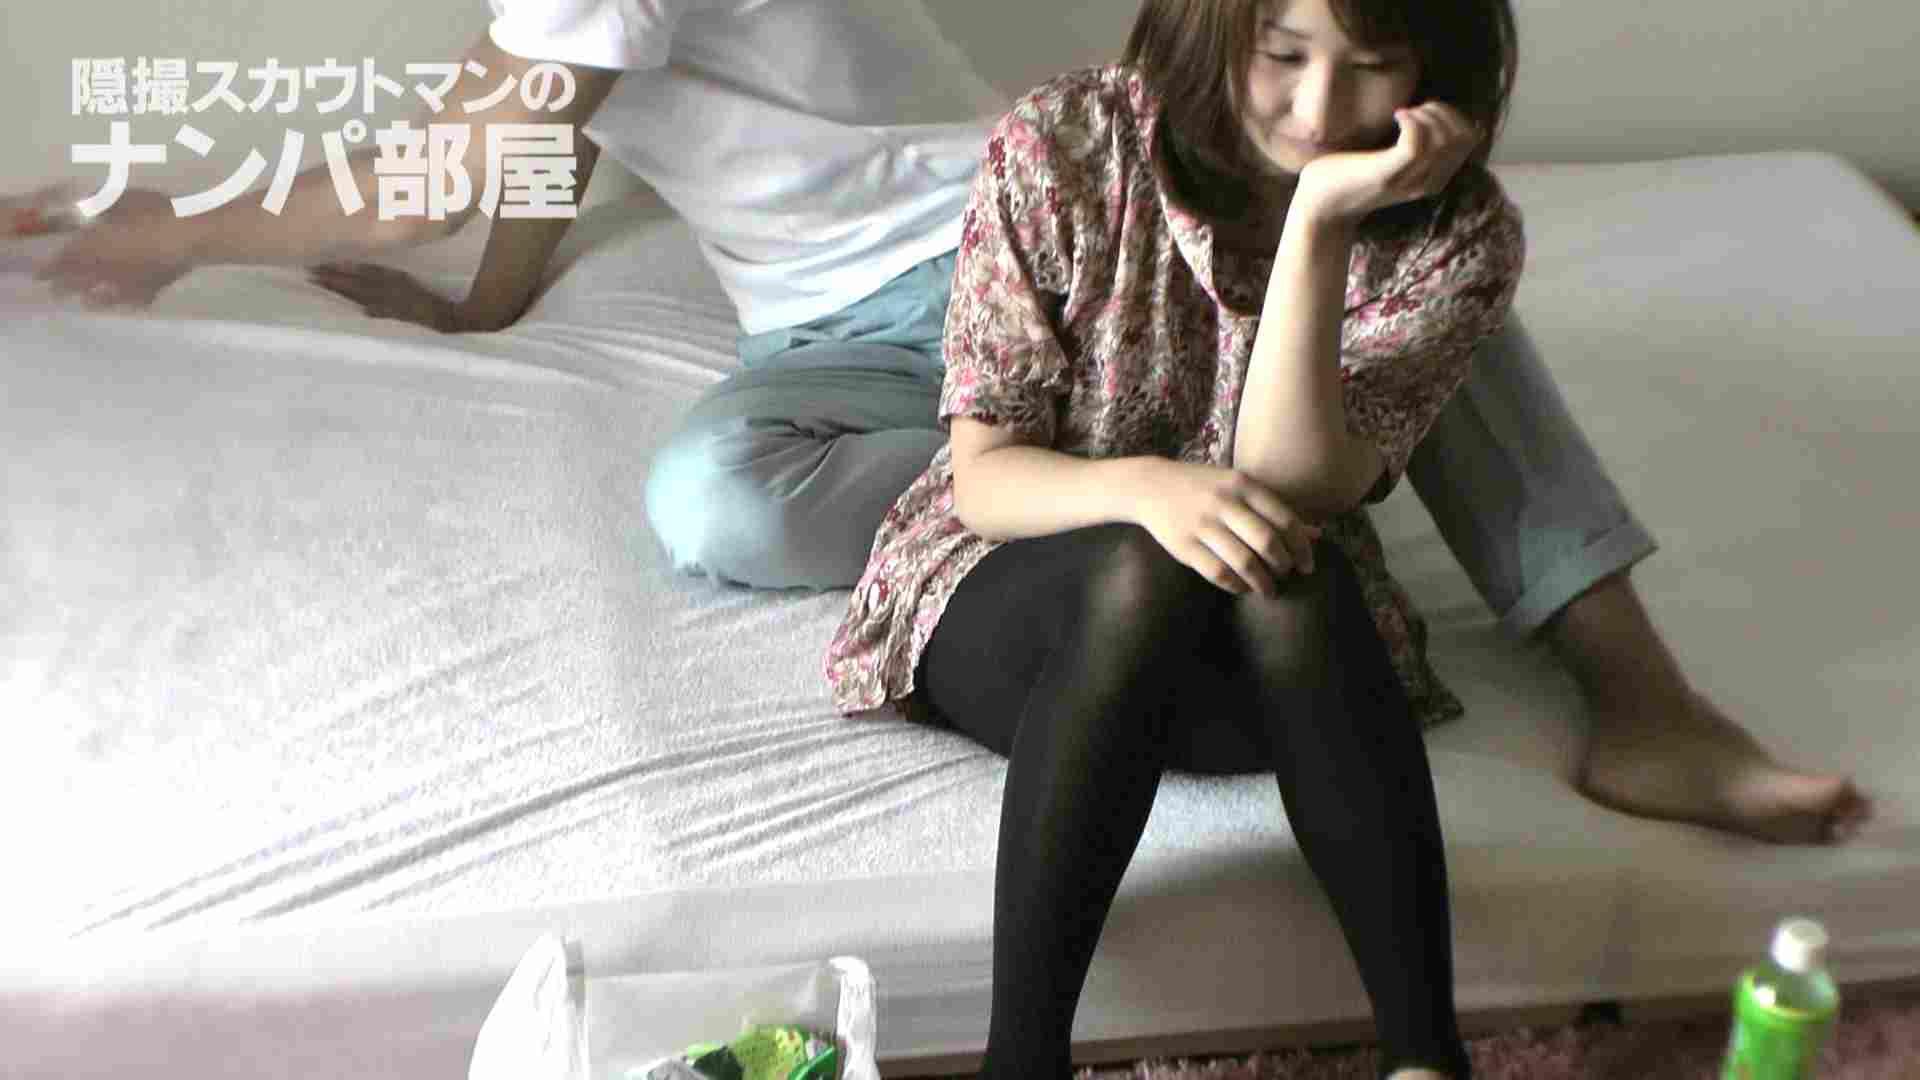 隠撮スカウトマンのナンパ部屋~風俗デビュー前のつまみ食い~ sii 隠撮  98pic 18